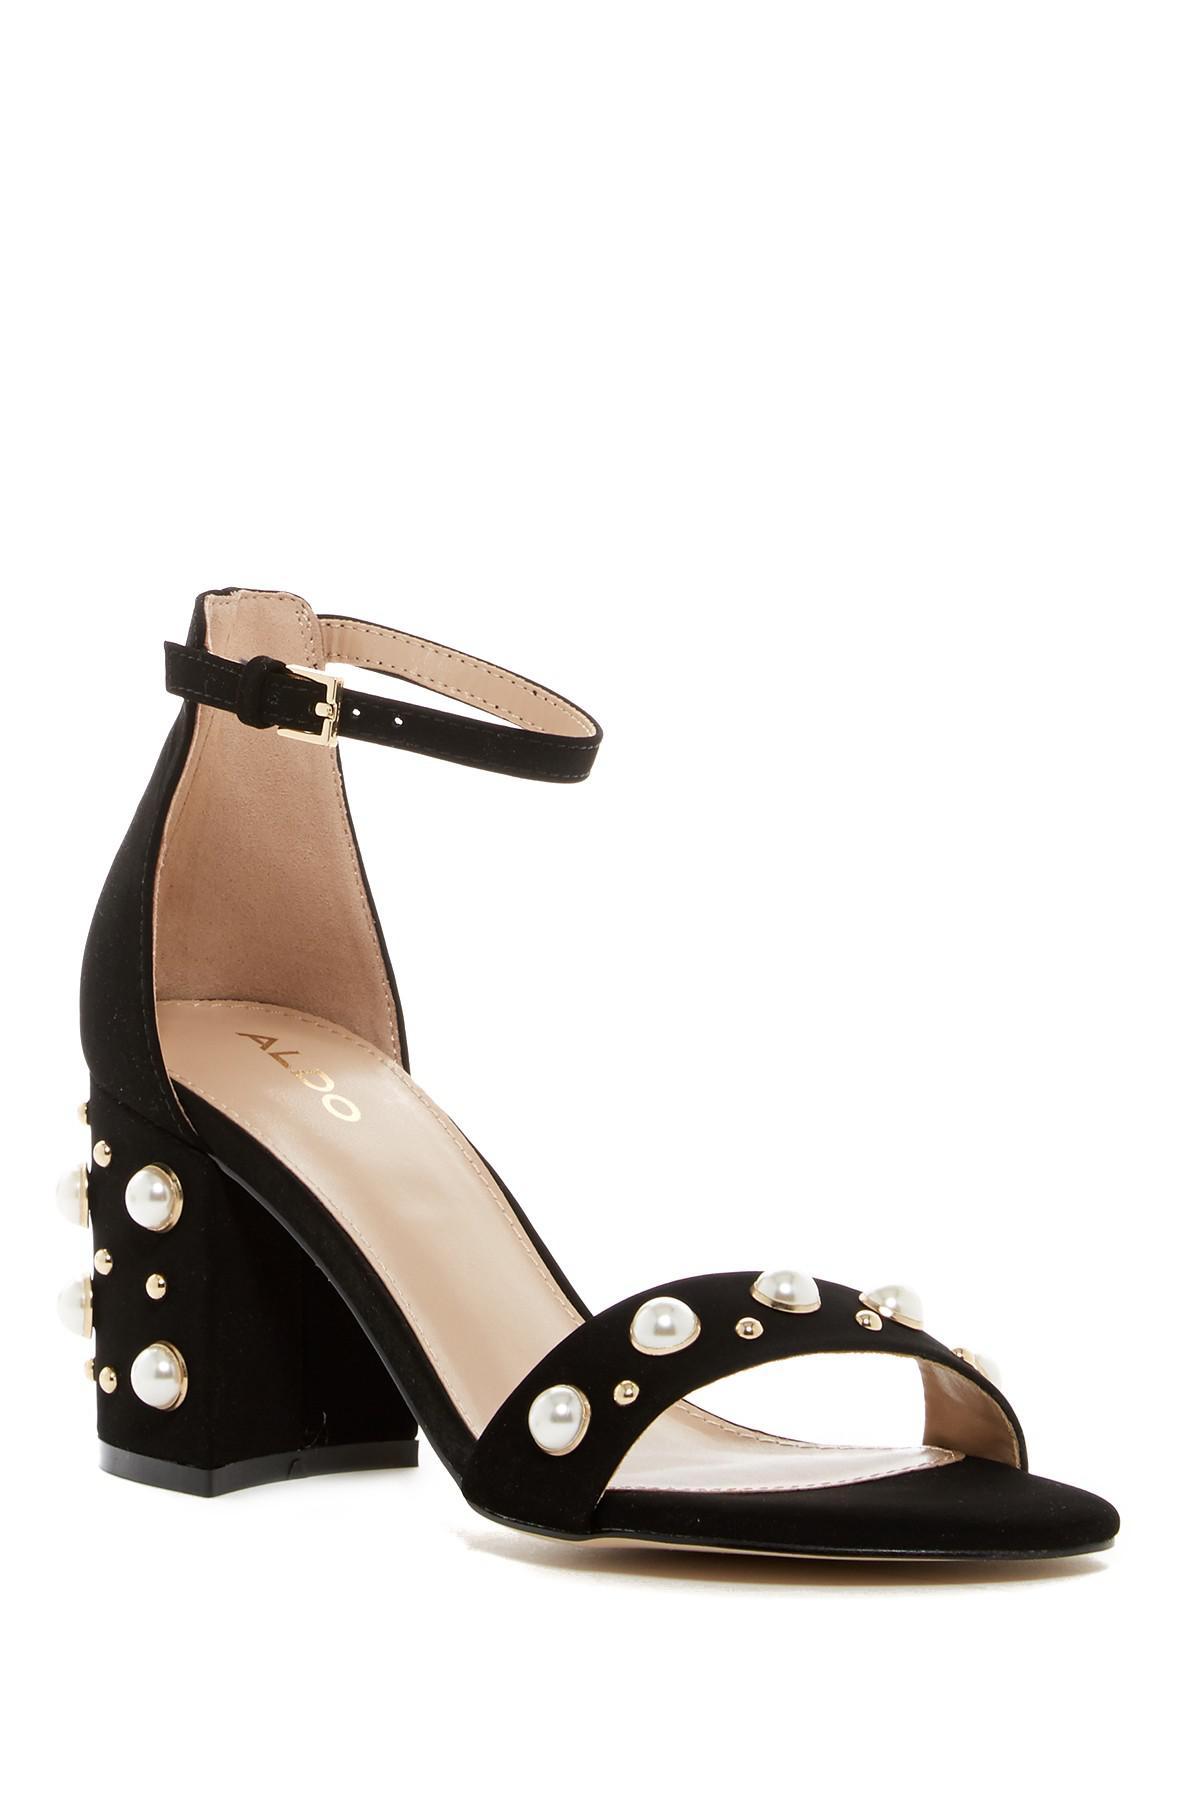 Lyst - ALDO Majorca Embellished Sandal in Black